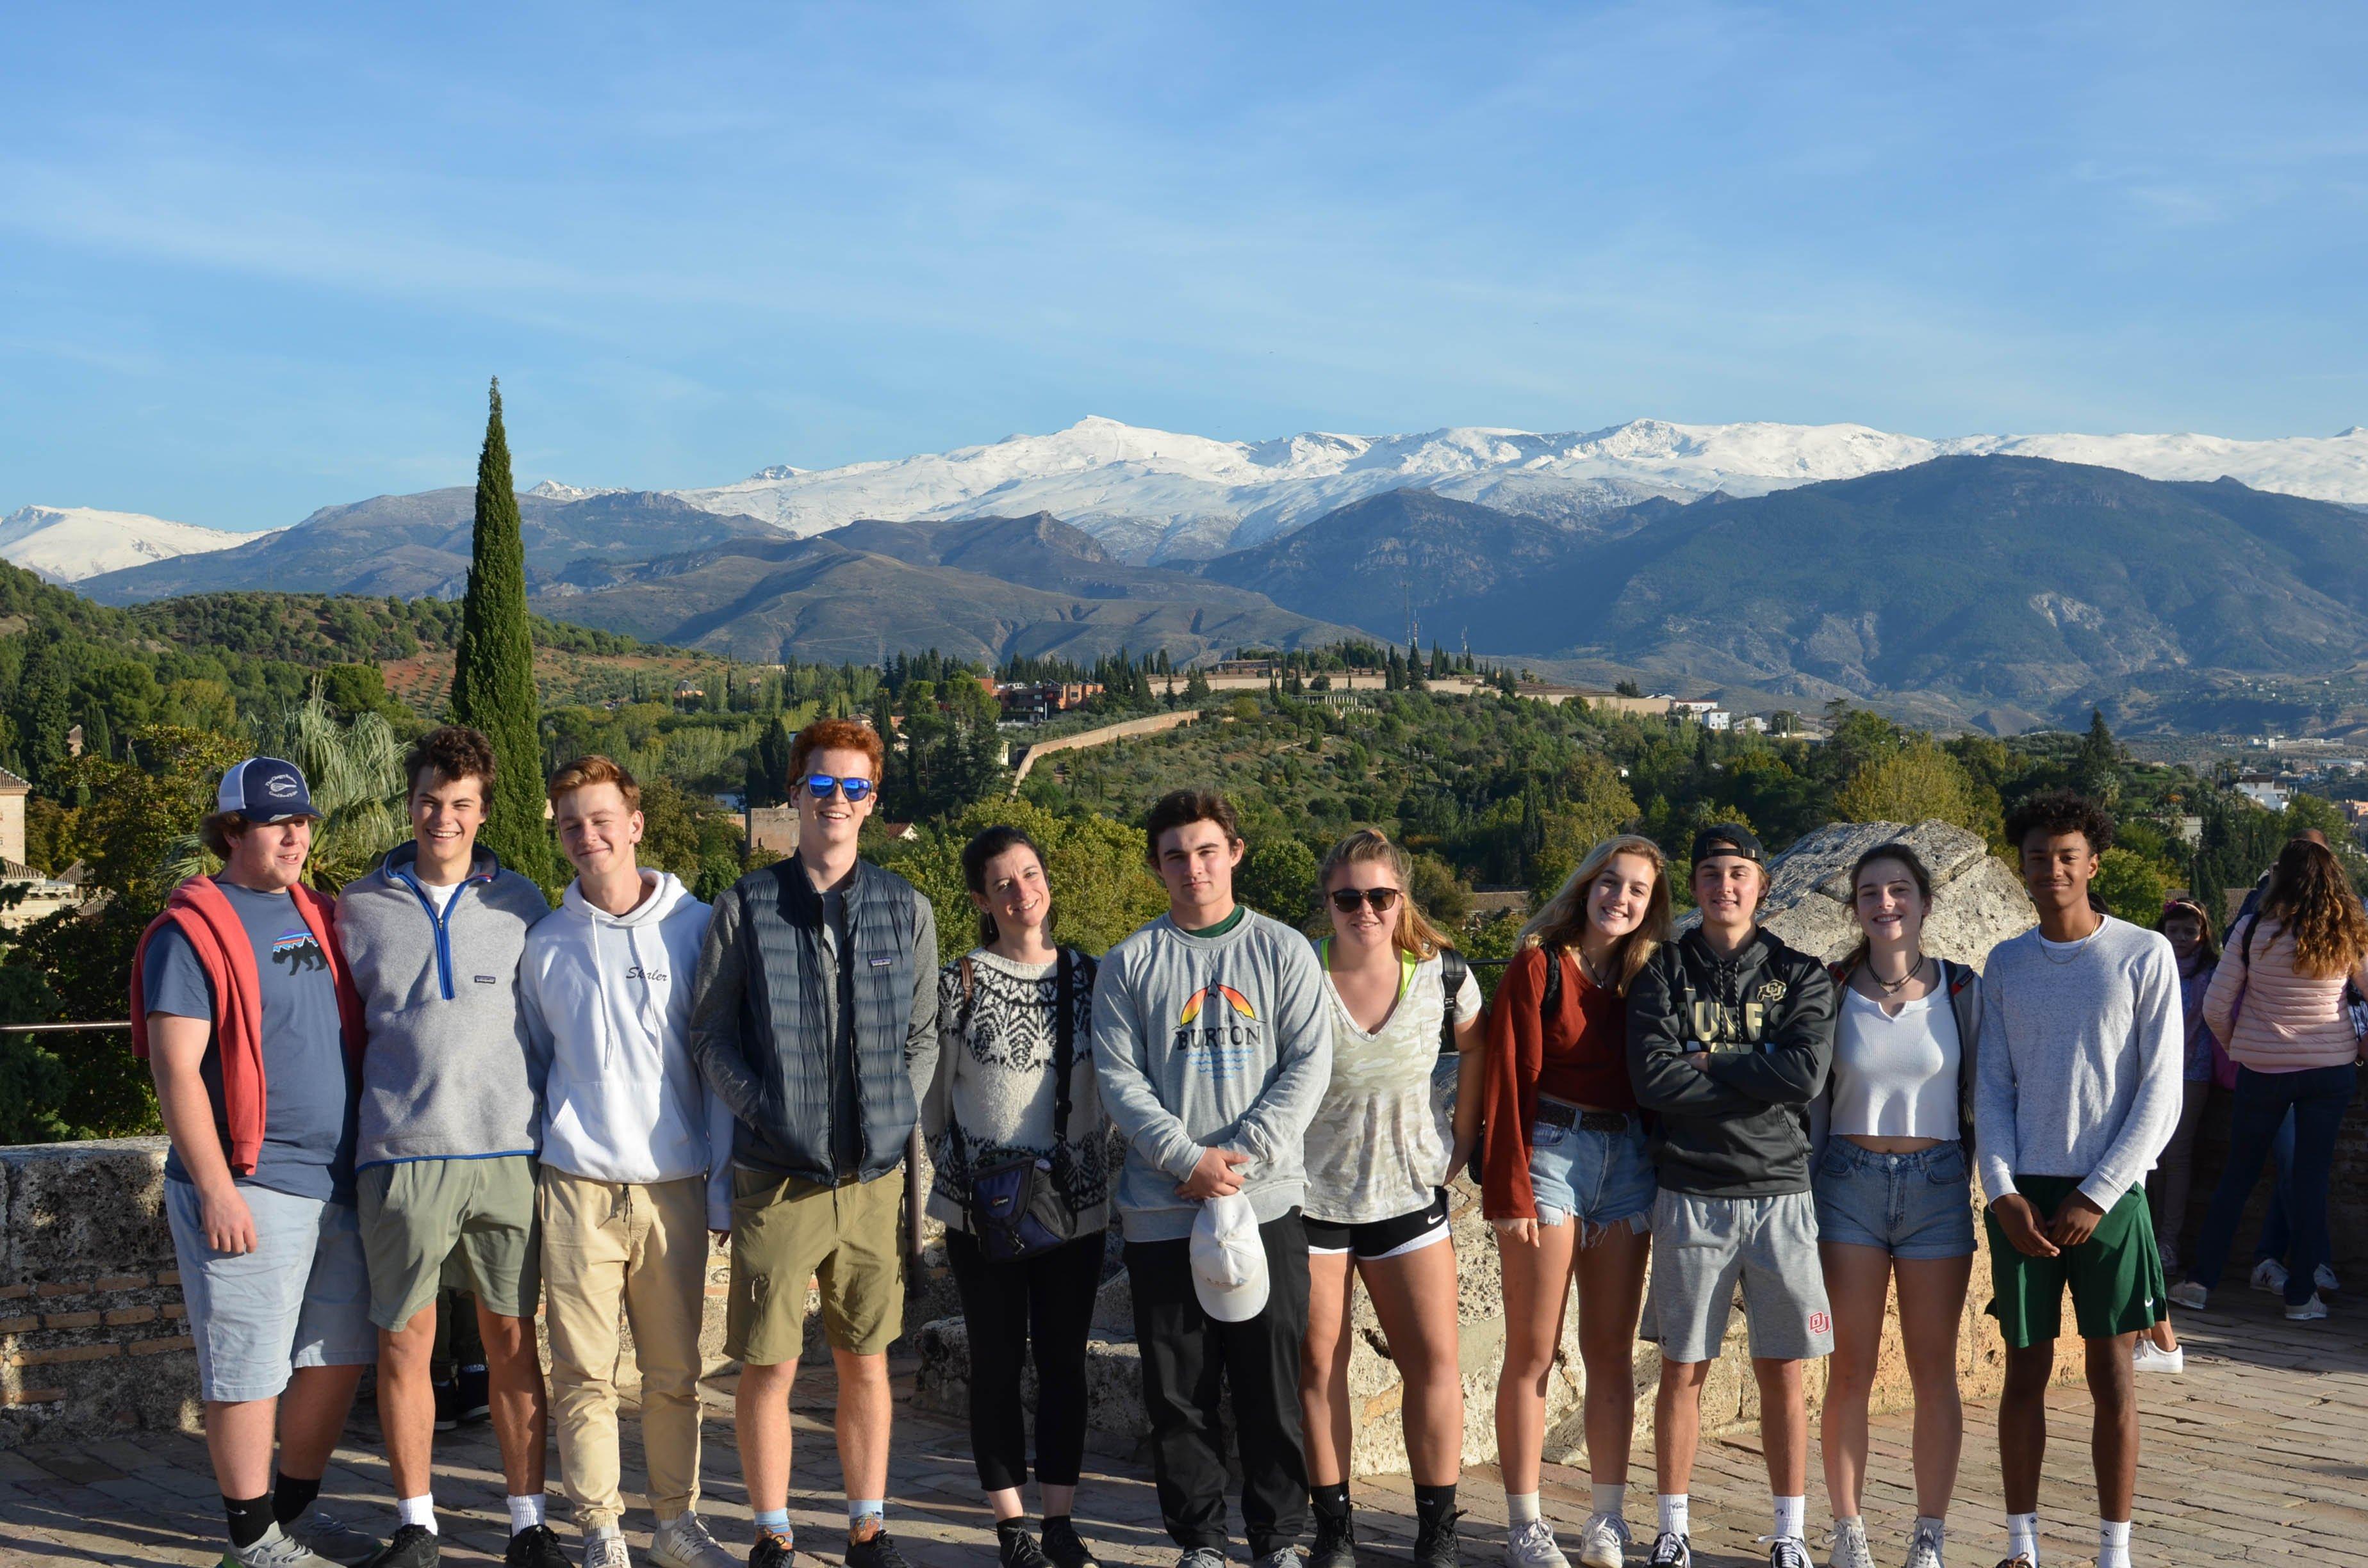 Proctor Academy Boarding School Off-Campus Program